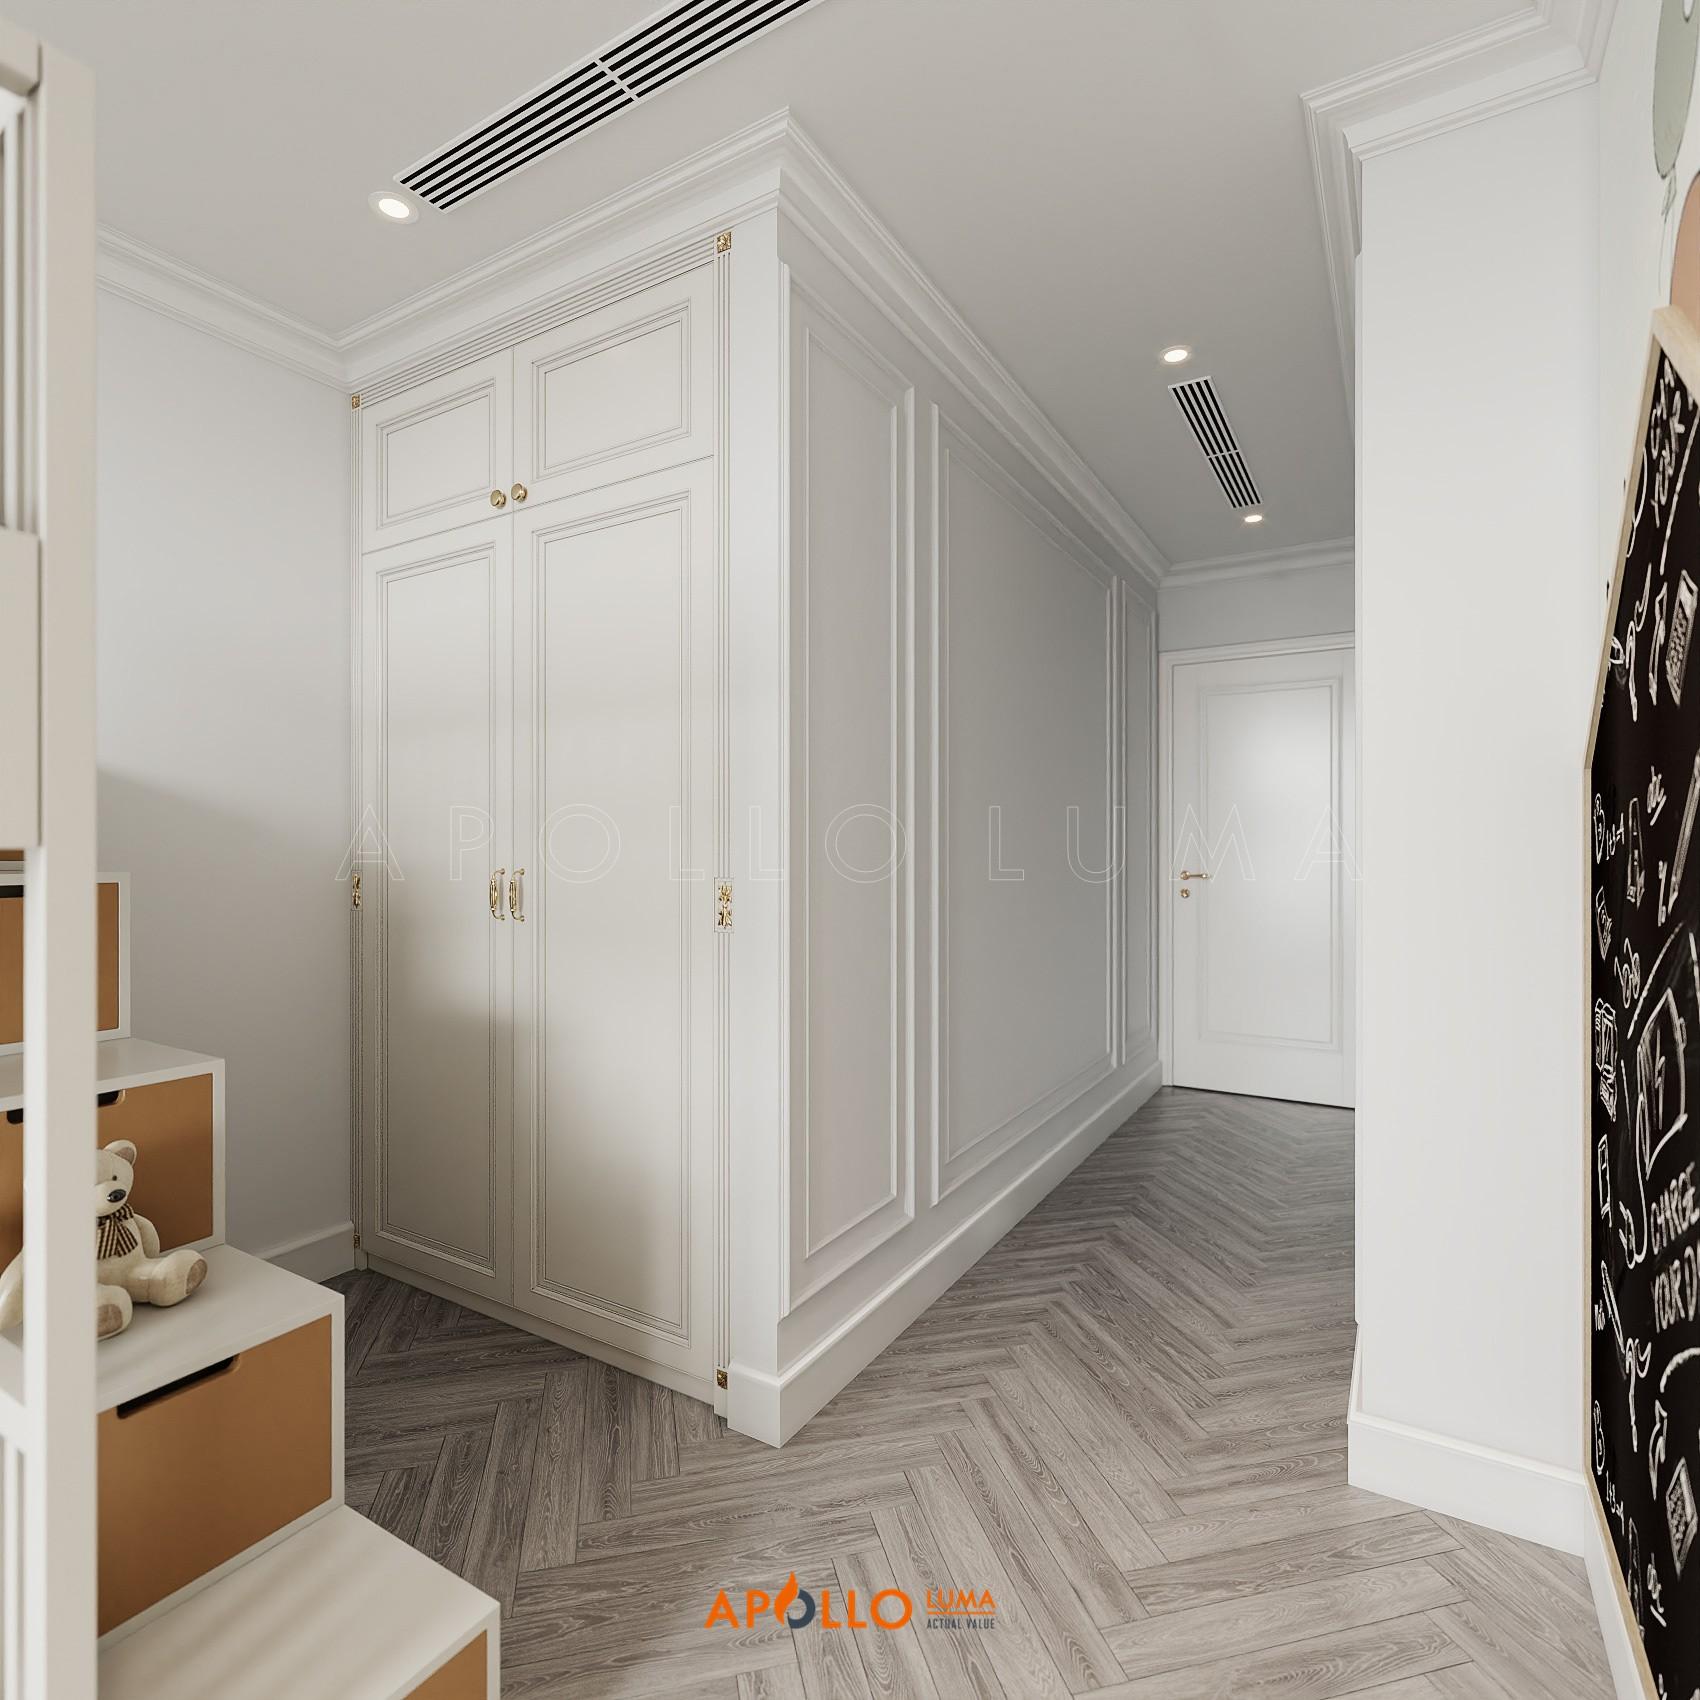 Thiết kế nội thất căn 3 phòng ngủ Vinhomes Metropolis phong cách Tân Cổ Điển